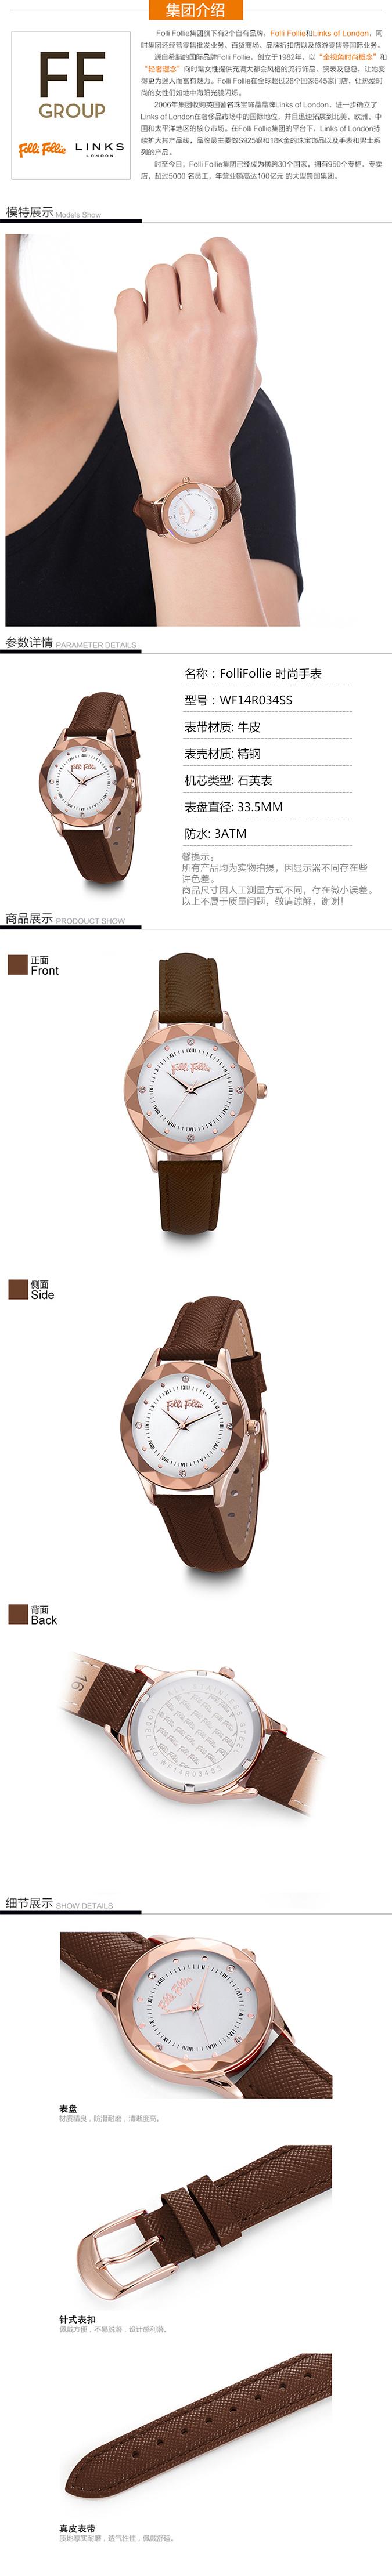 Folliefollie时尚手表